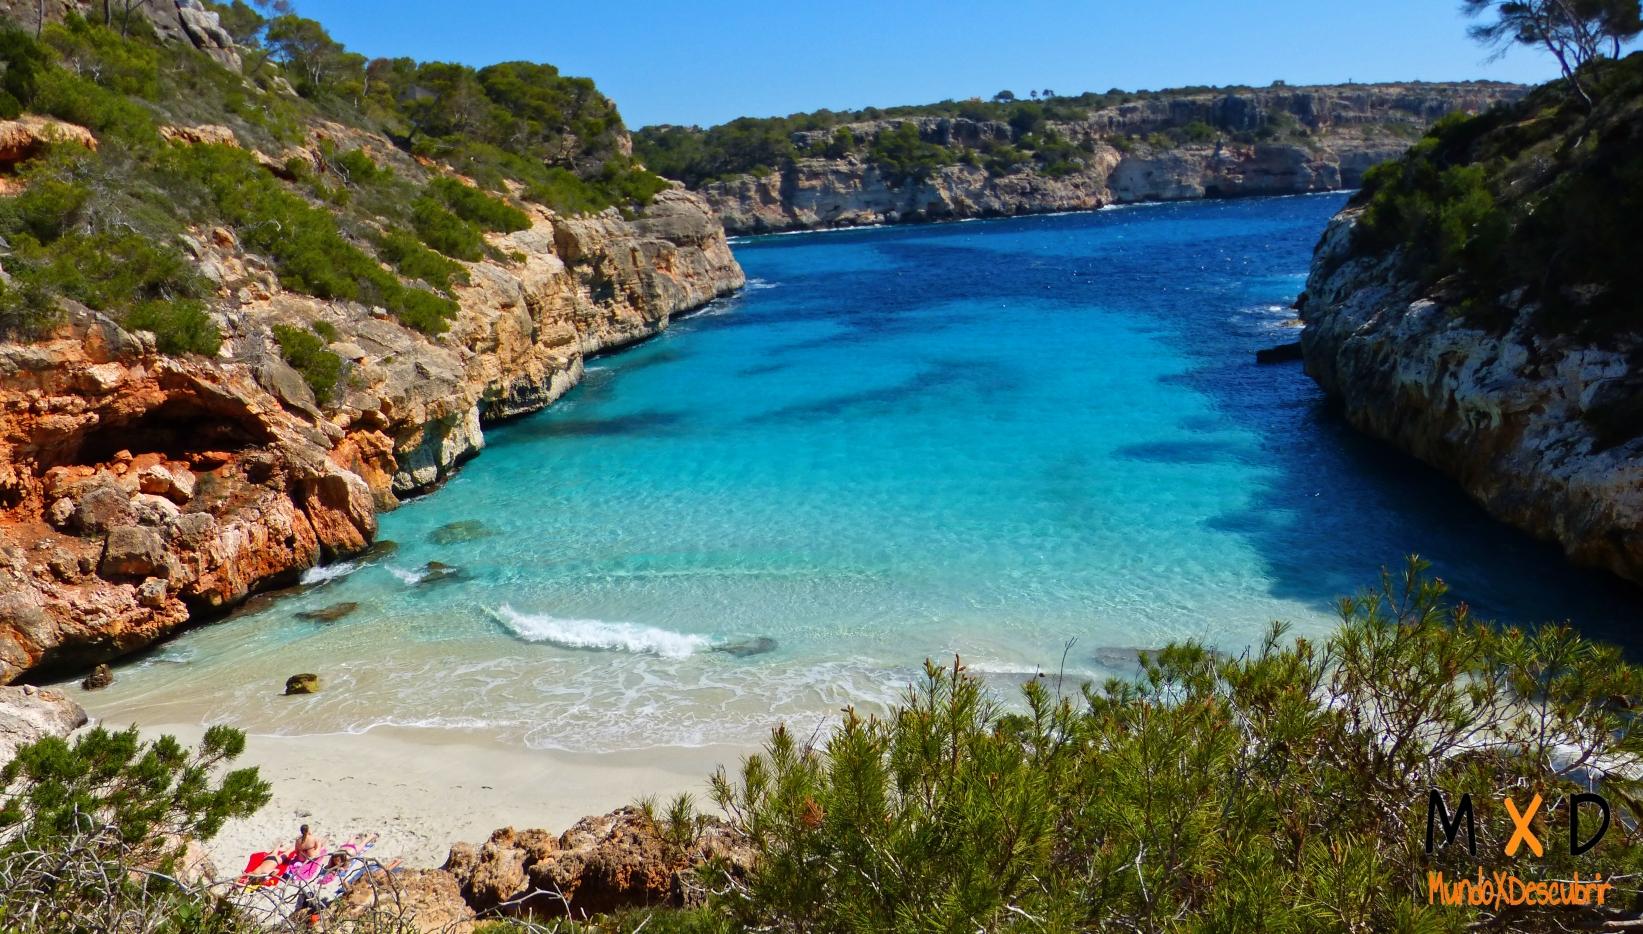 Vuelos directos a Islas Baleares en mayo/junio